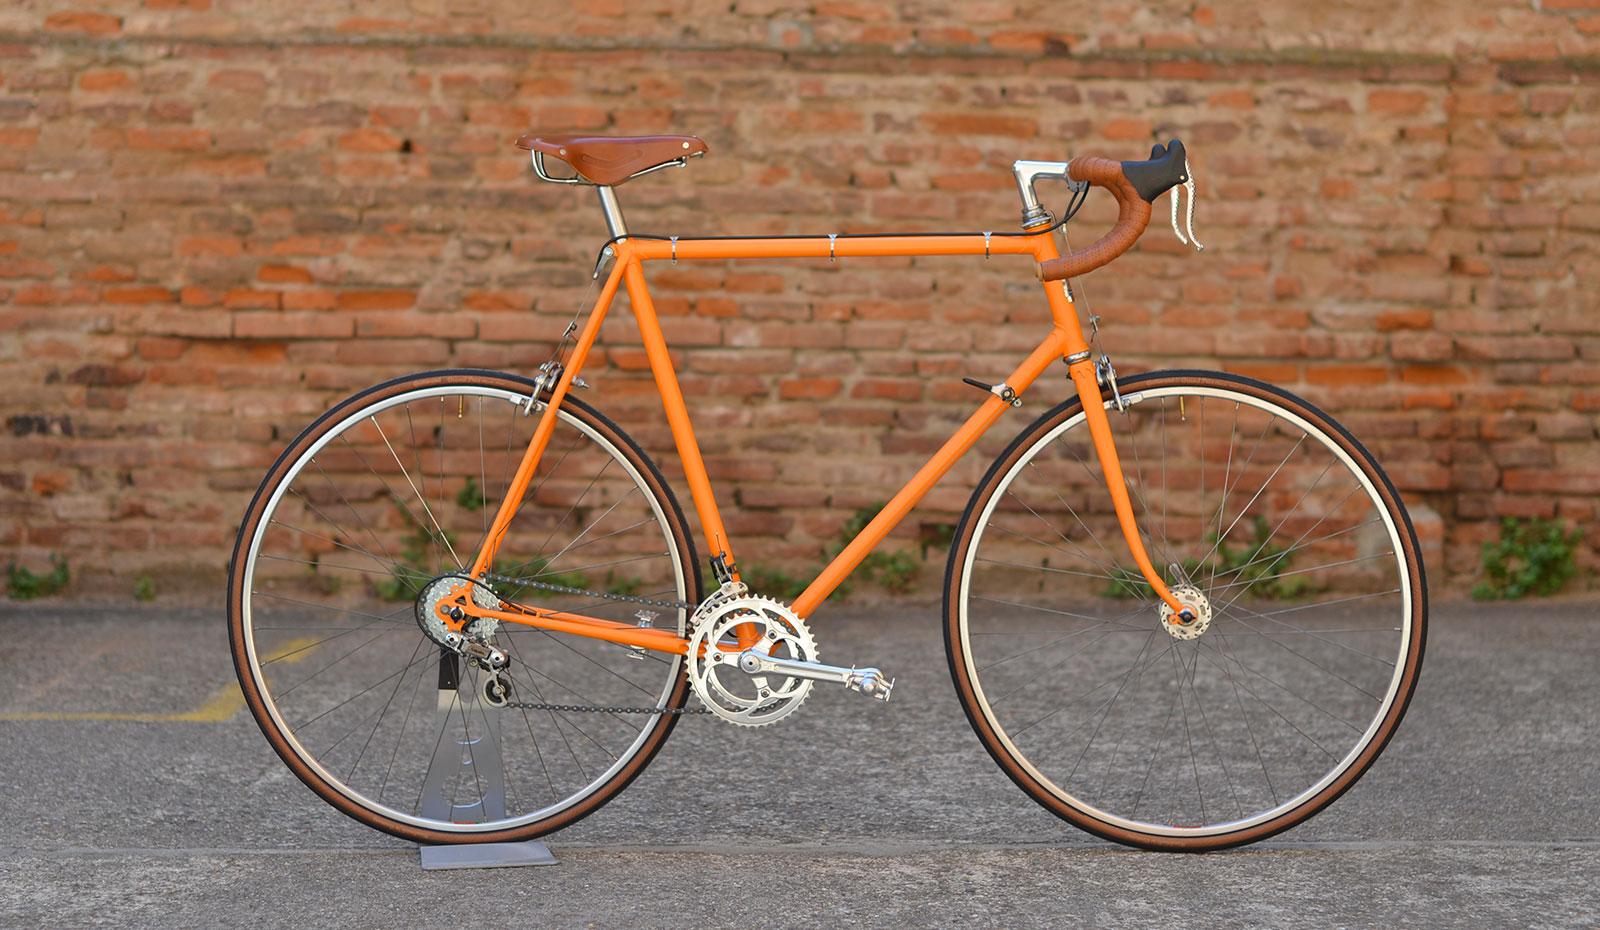 Pedalier Ene Cyclo